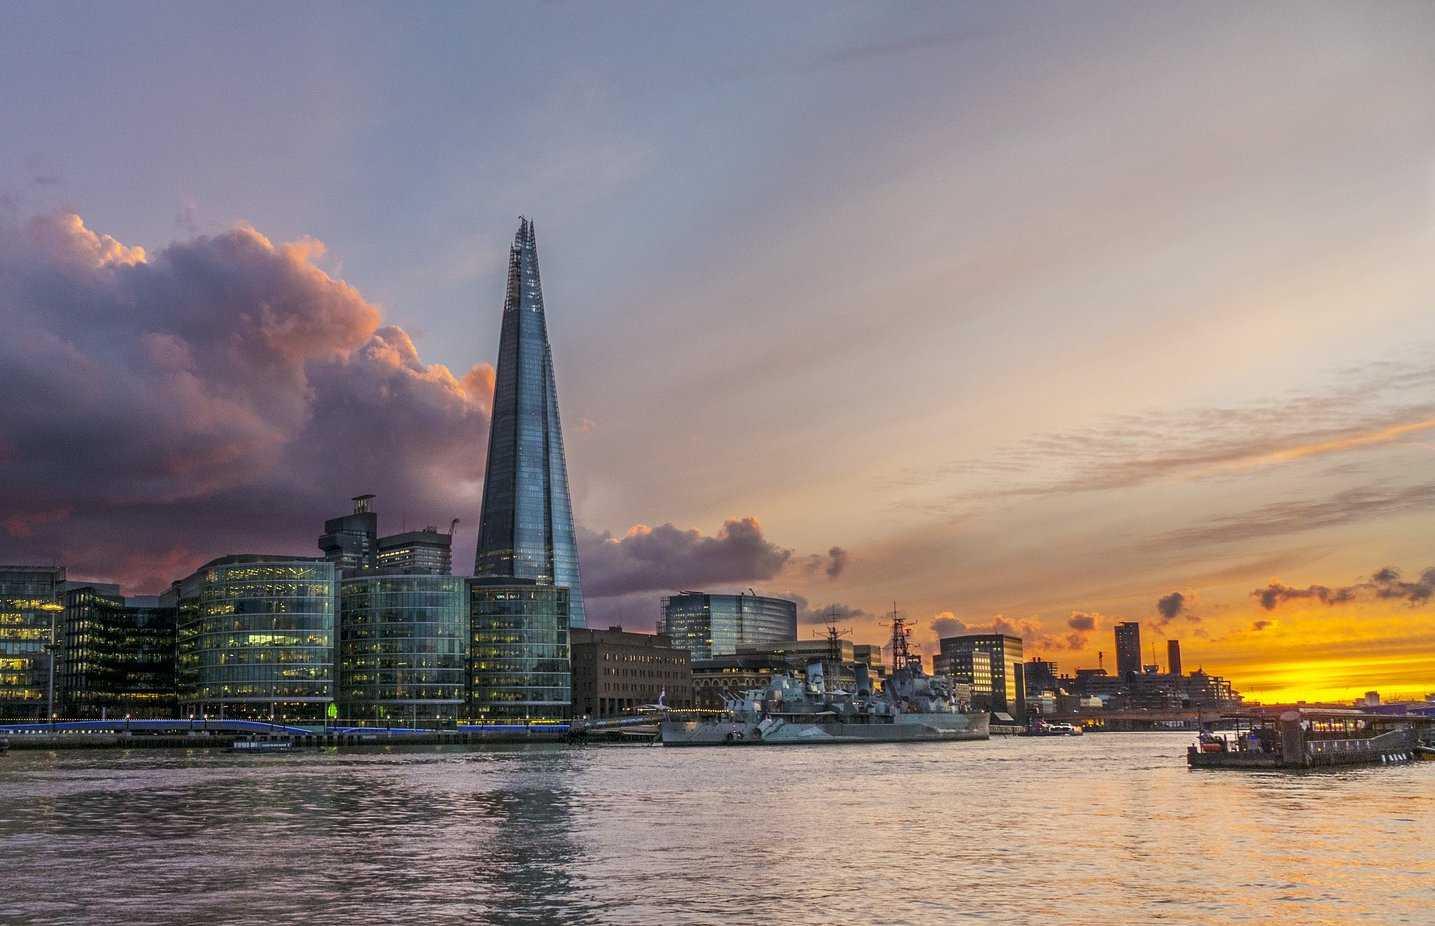 מגדל השארד לונדון 2021 - כרטיסים, מחירים וטיפים חשובים!